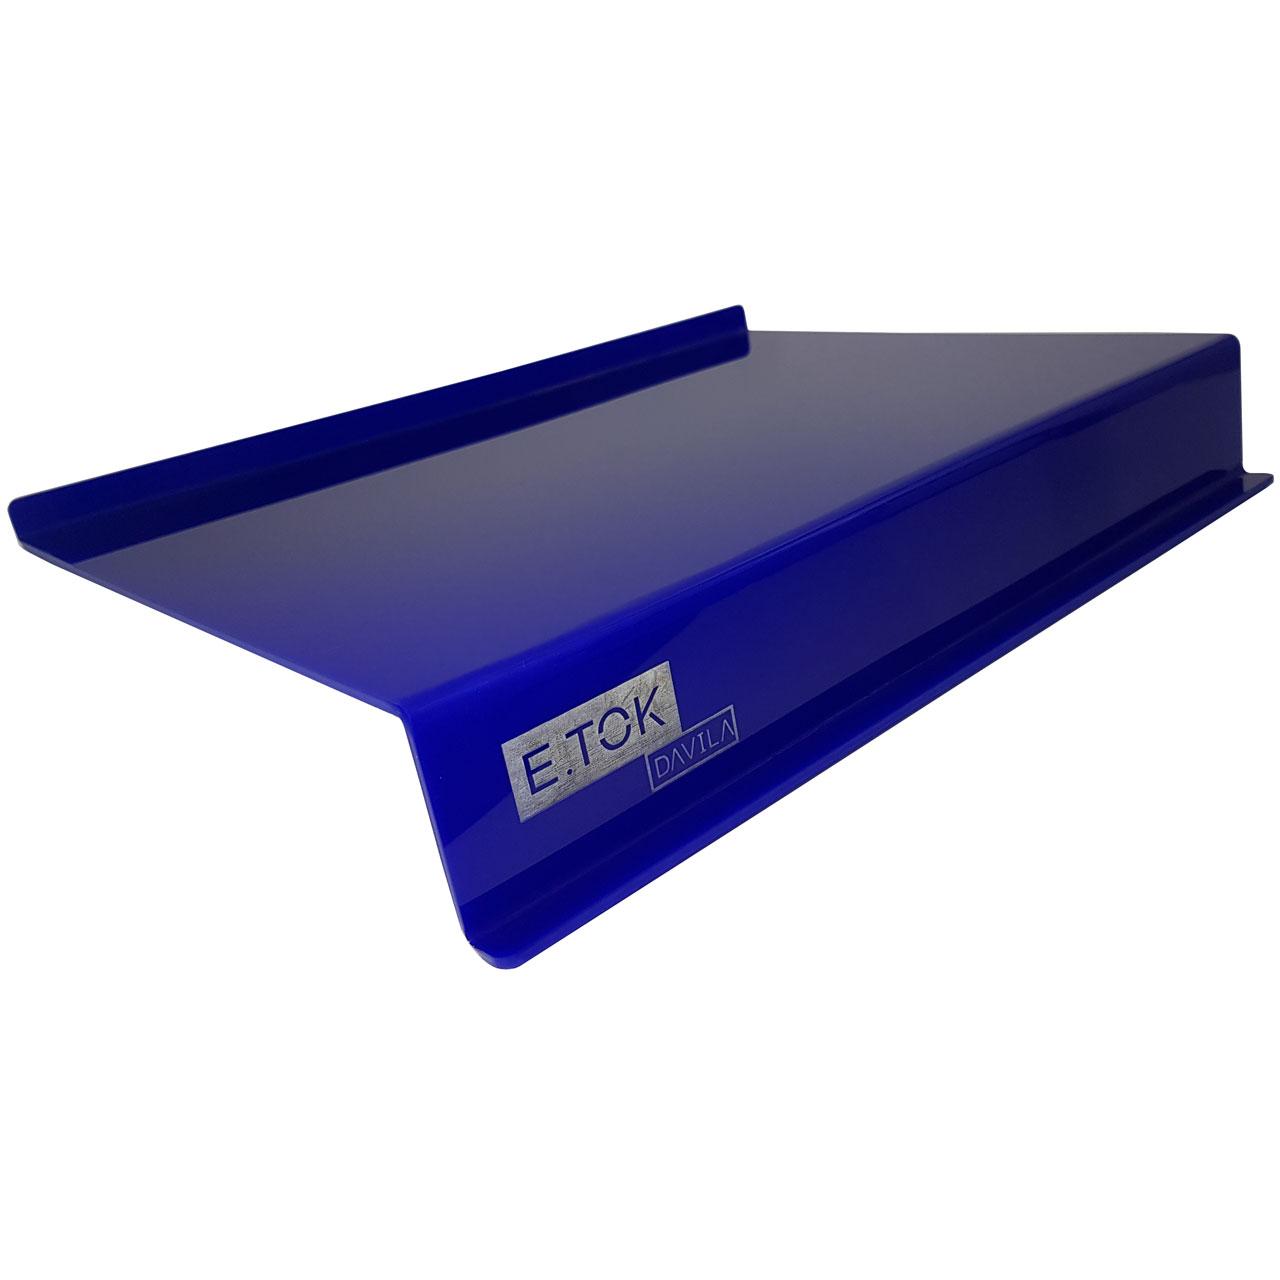 پایه نگهدارنده لپ تاپ ایتوک مدل Davila